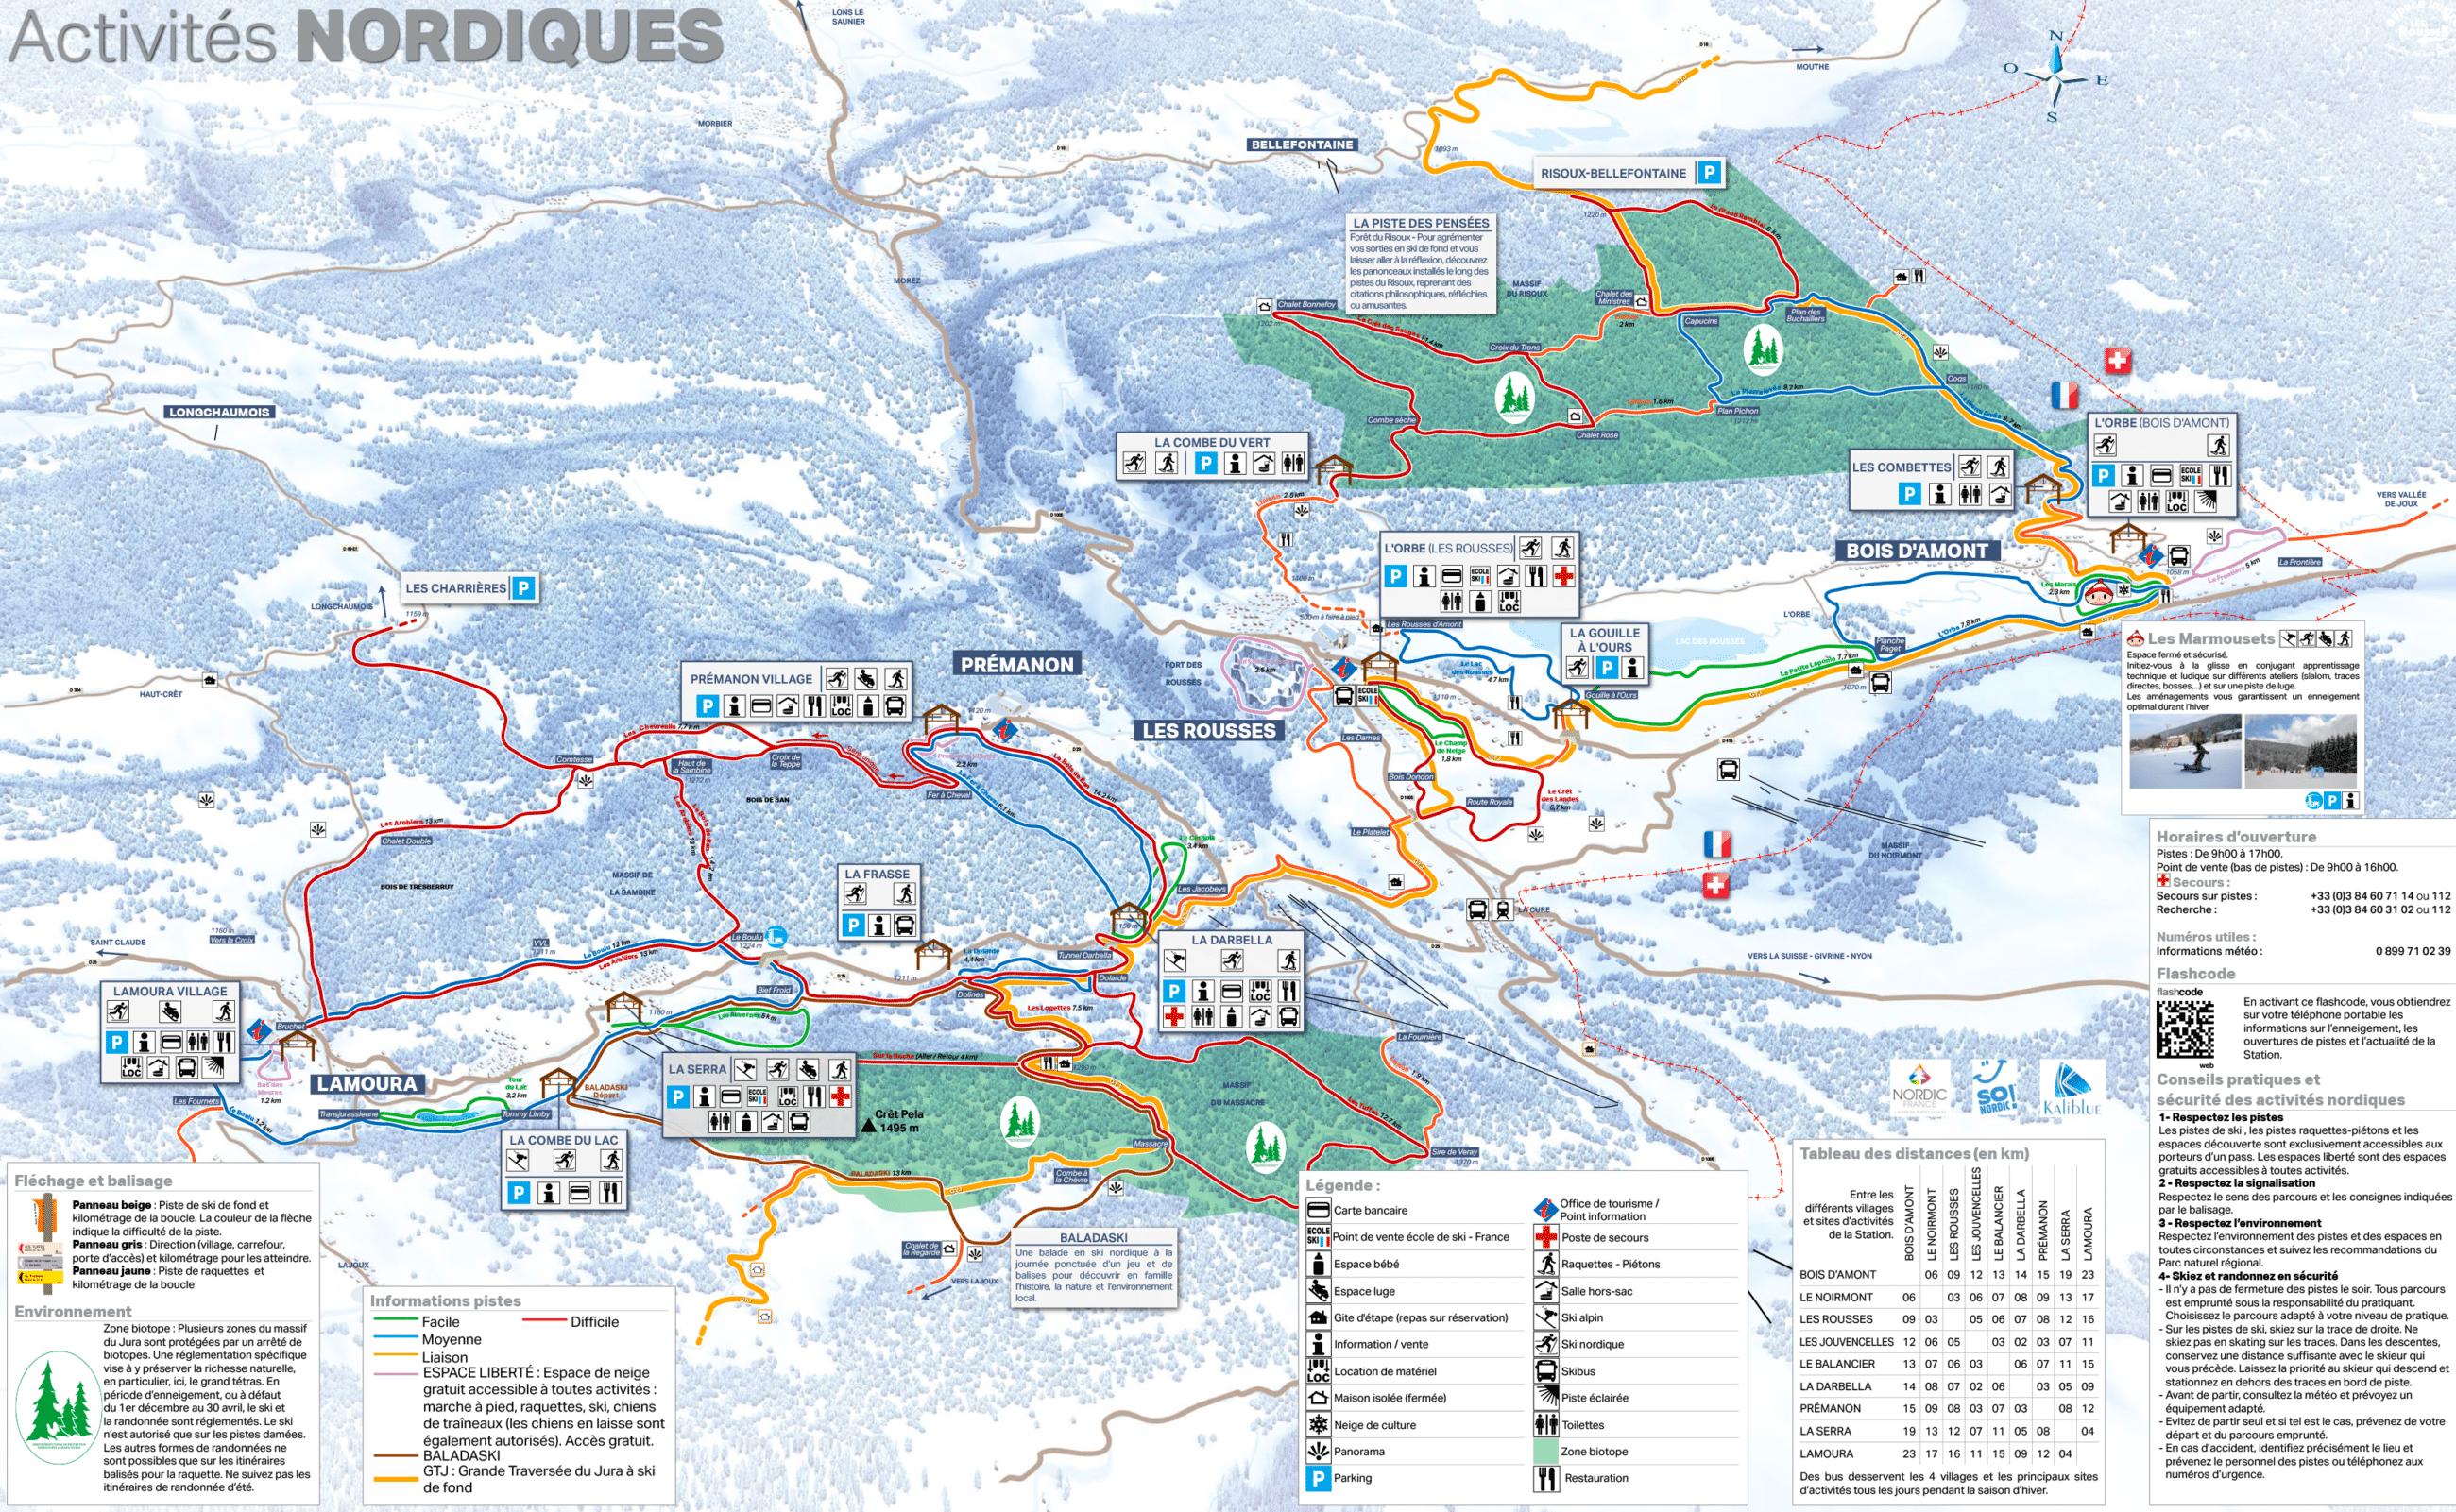 Les Rousses - Plan du domaine nordique